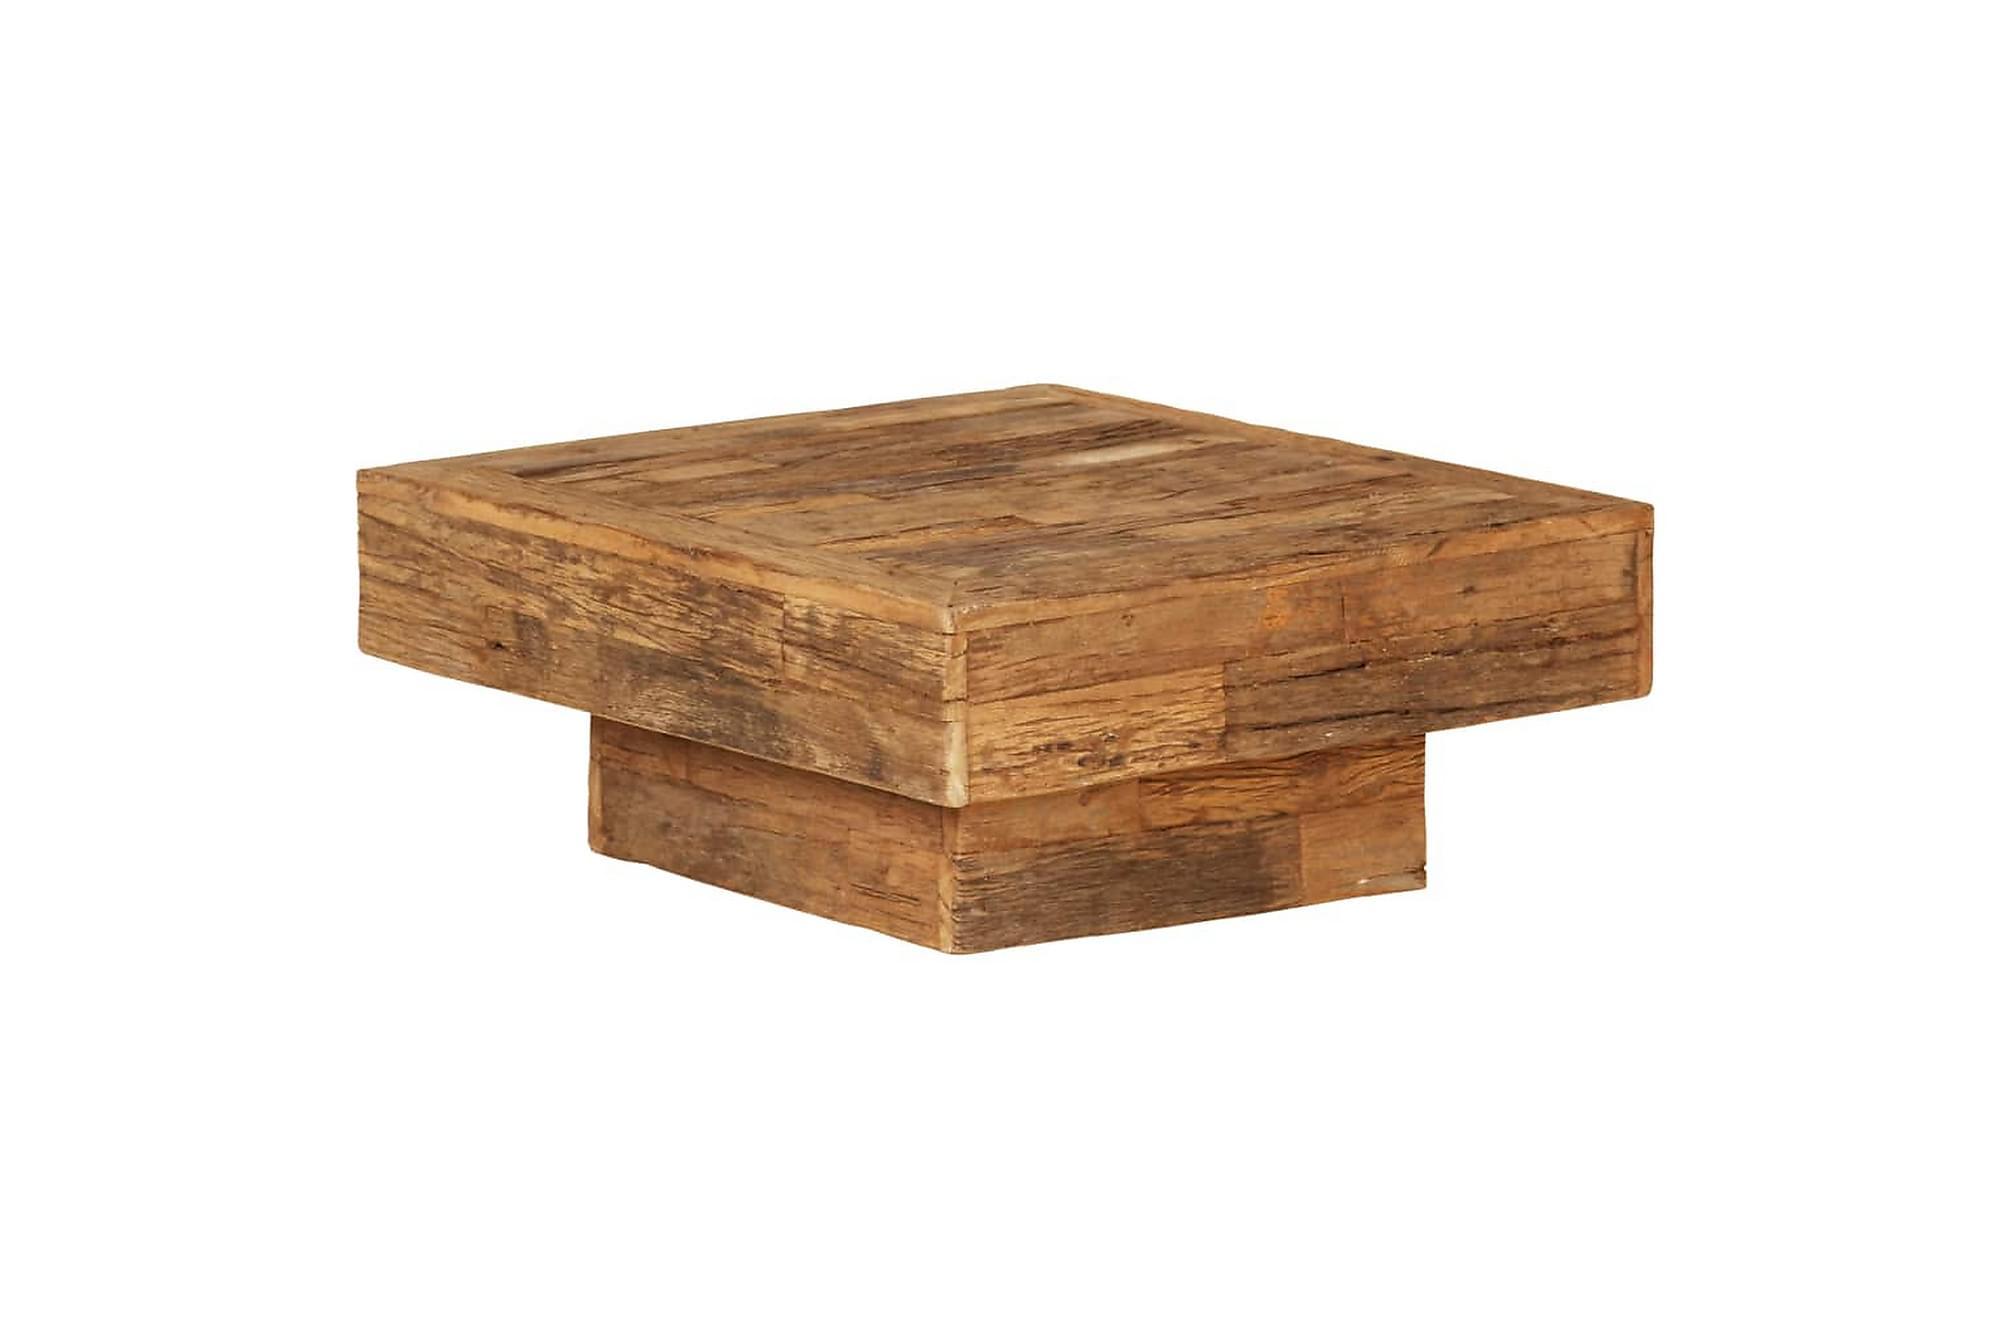 Soffbord massivt återvunnet sliperträ 70x70x30 cm